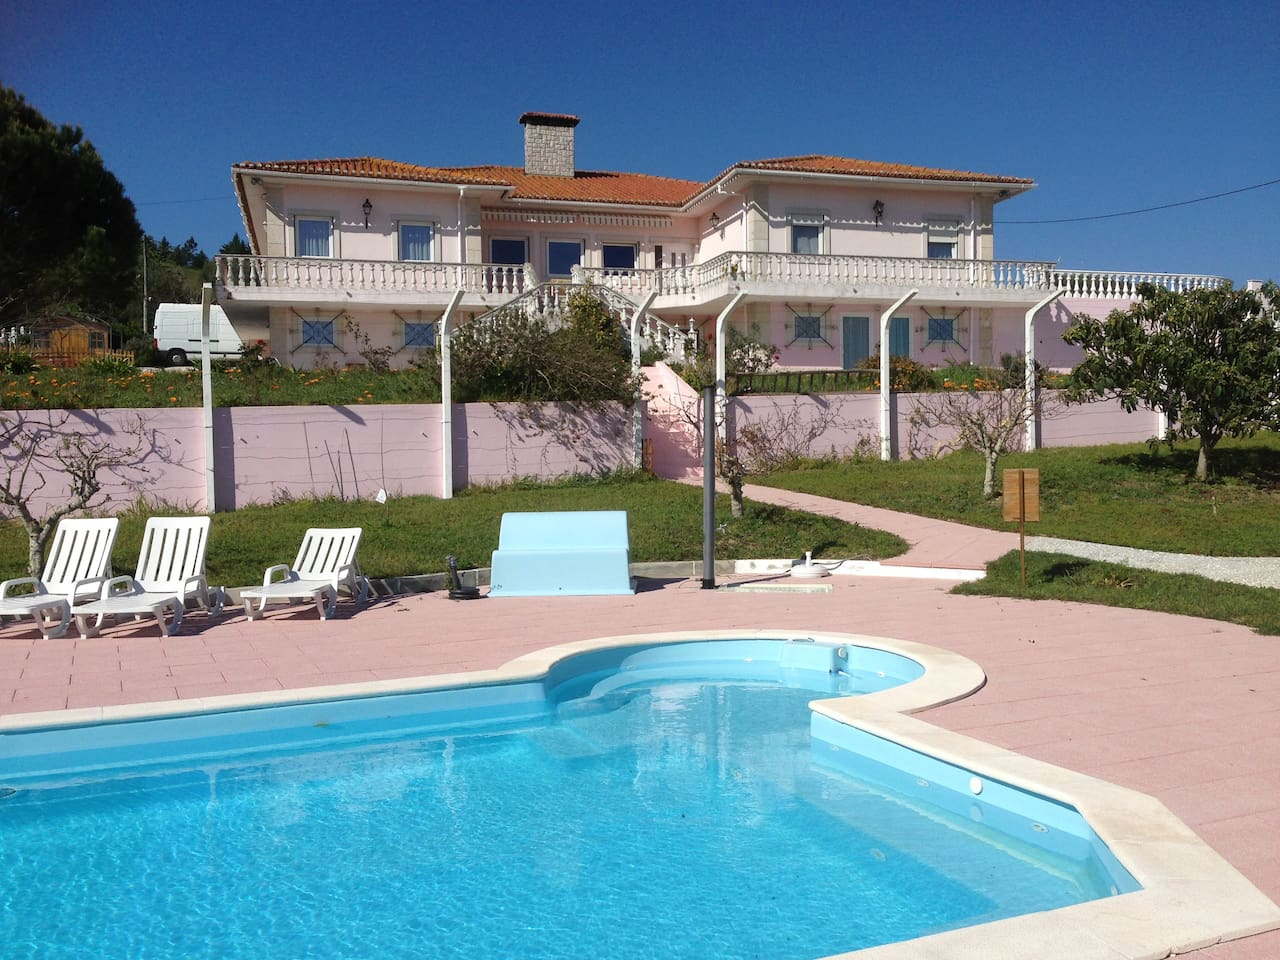 Appartement F2 dans Maison (vue de la piscine)